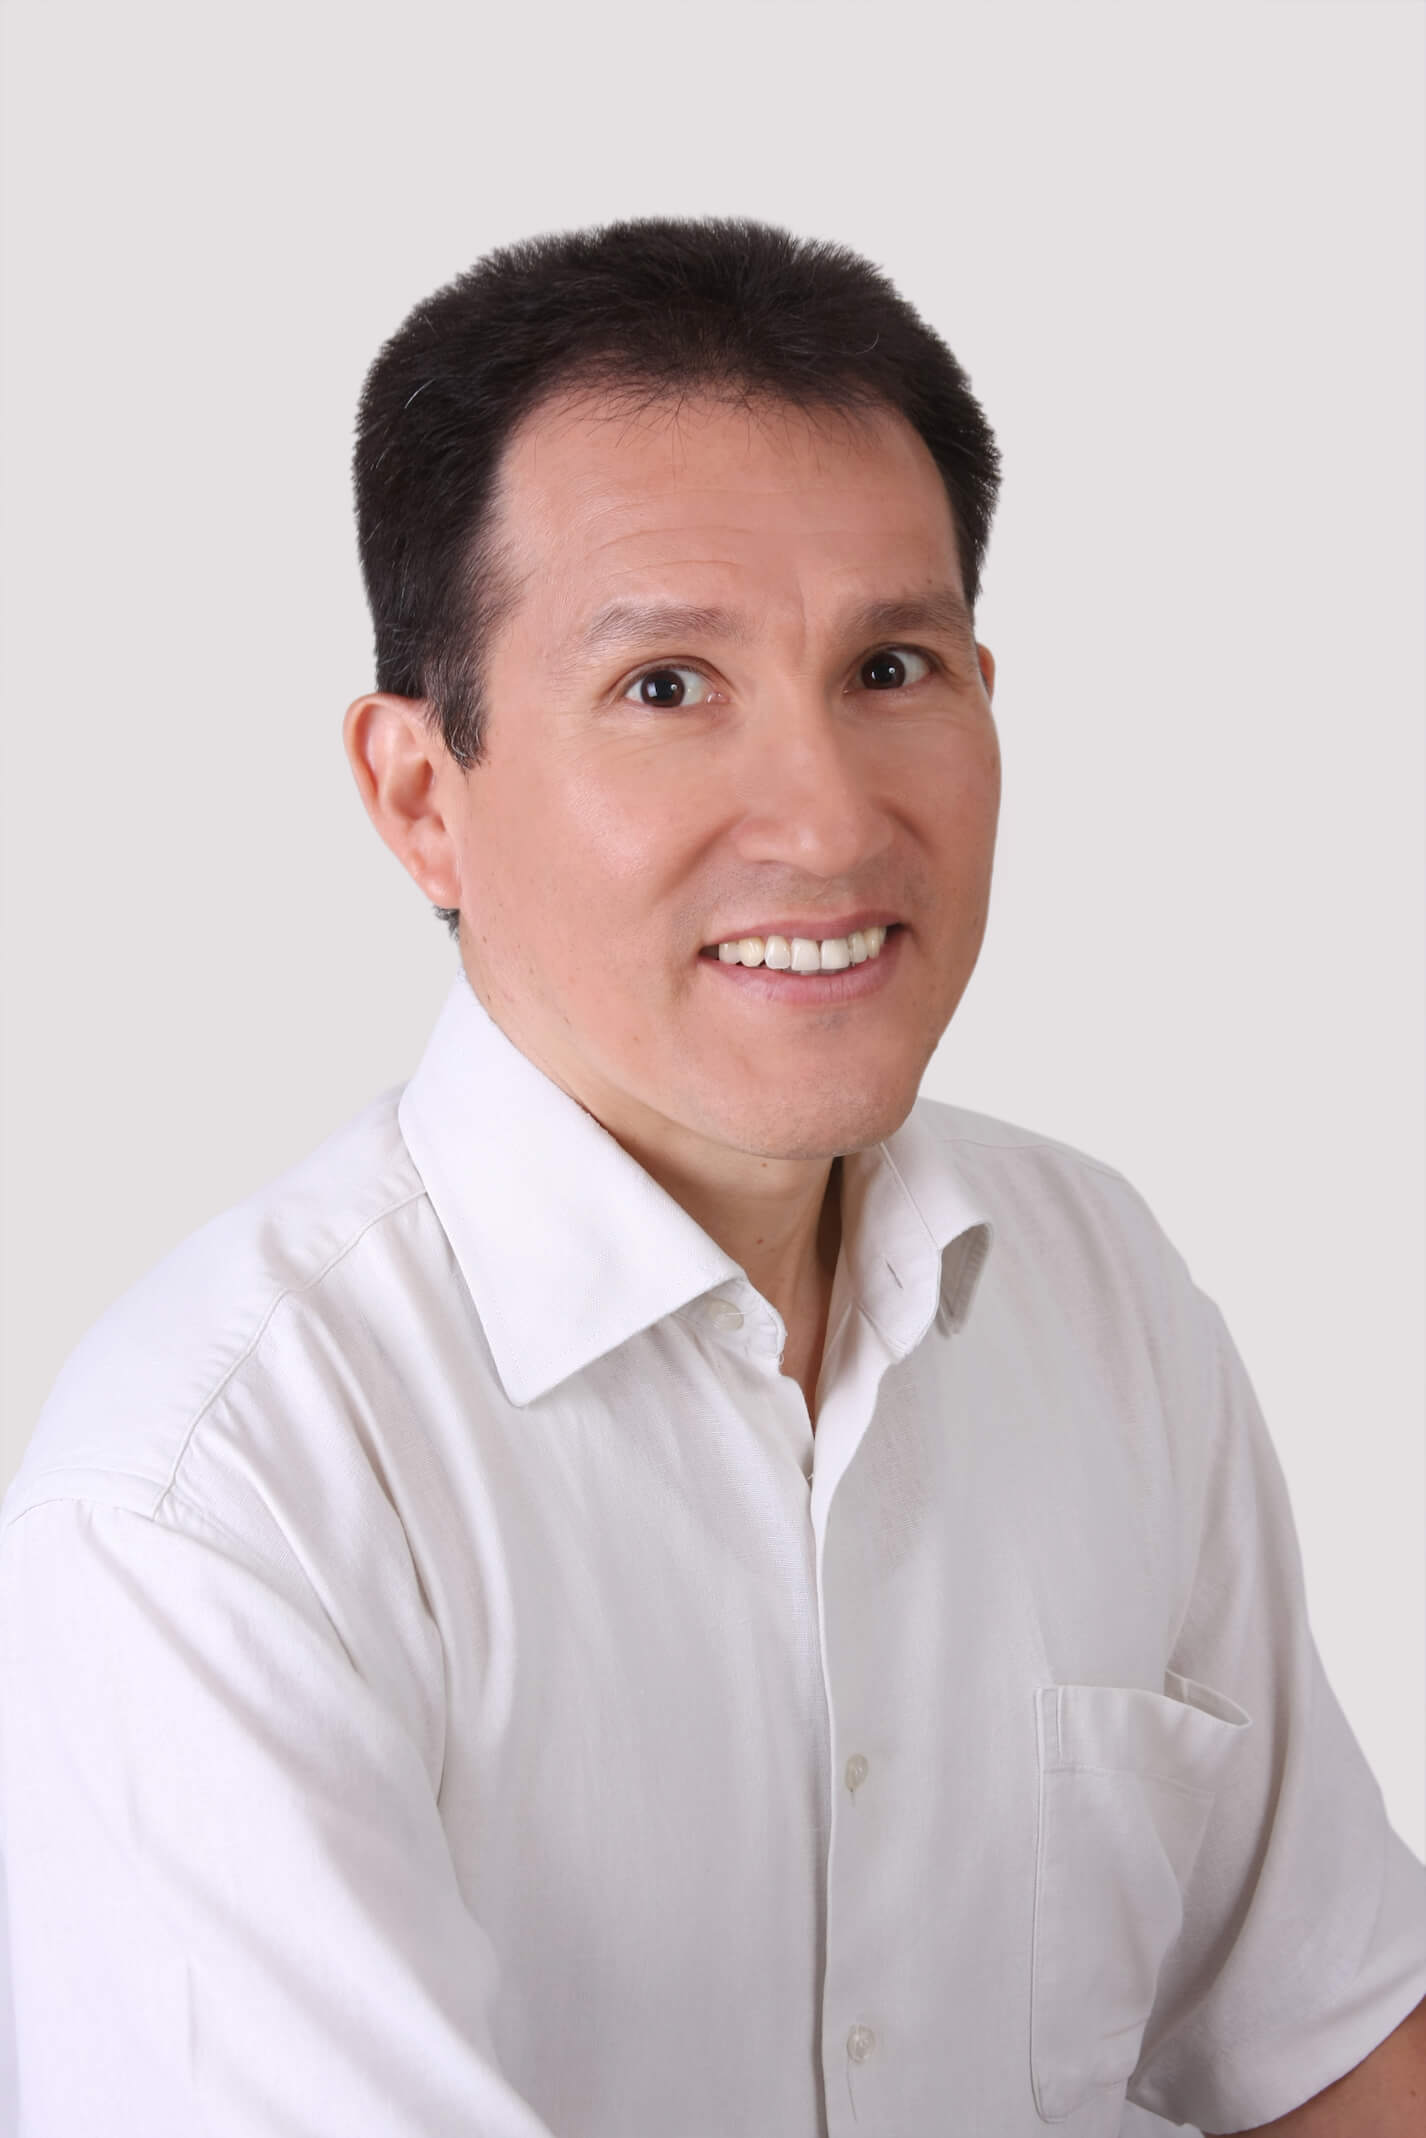 Jorge Cieza de León Tuesta